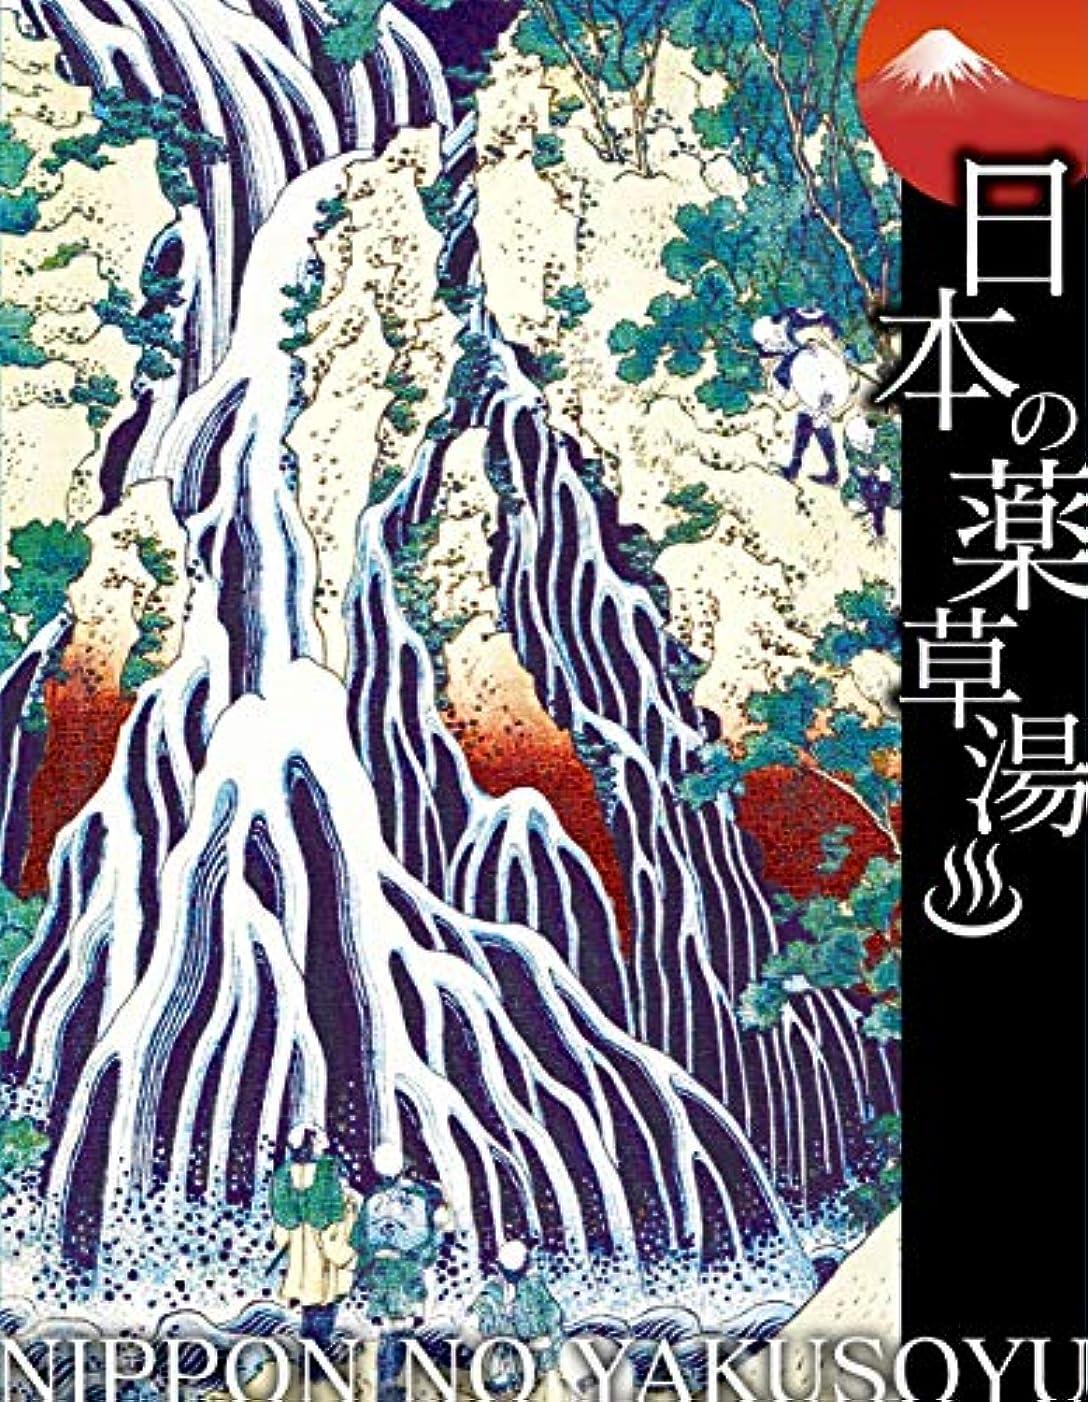 閃光くるみ着服日本の薬草湯 下野黒髪山きりふきの滝(諸国瀧廻り)